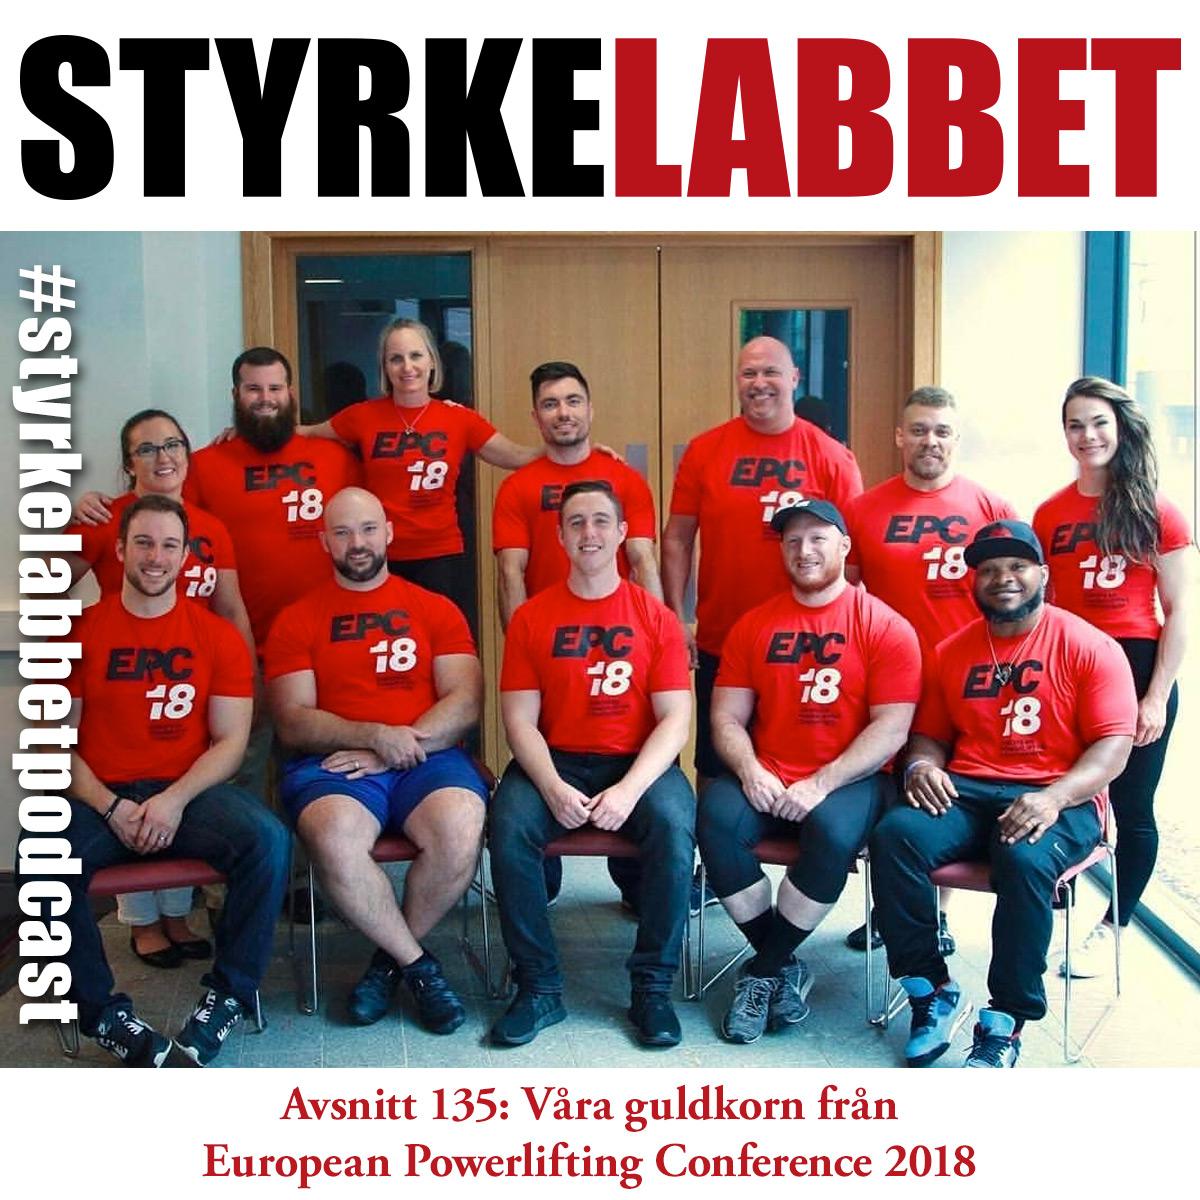 Styrkelabbet avsnitt 135: Våra guldkorn från European Powerlifting Conference 2018